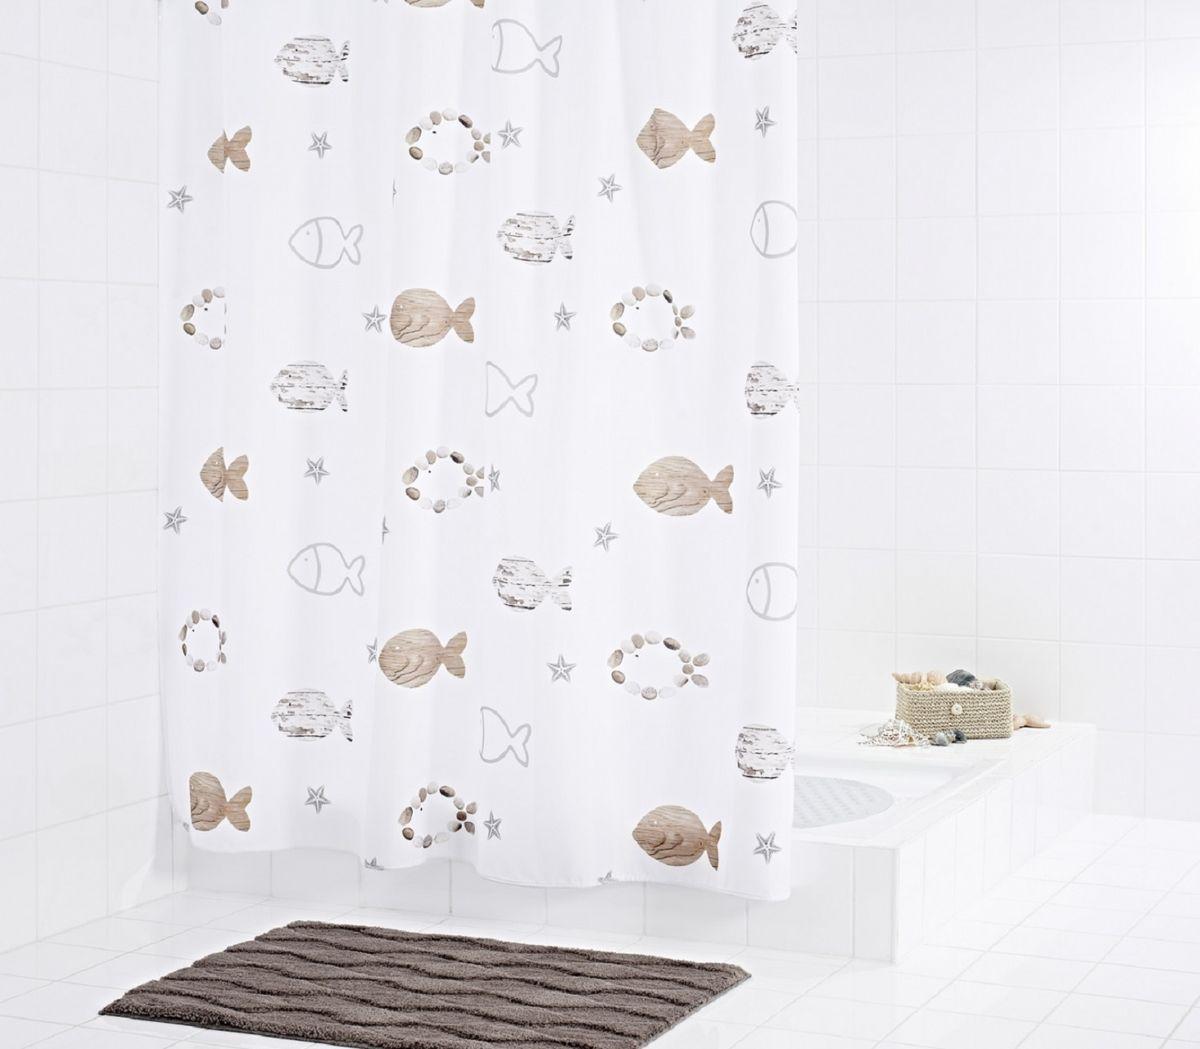 Штора для ванной комнаты Ridder Fishes, цвет: бежевый, коричневый, 180 х 200 см47819Штора для ванной комнаты Ridder Fishes, изготовленная из текстиля с антигрибковым и антистатическим покрытием, отлично дополнит любой интерьер ванной комнаты. Нижний кант утяжелен каучуковой лентой.Штора оснащена отверстиями под кольца с пластиковыми люверсами. Кольца приобретаются отдельно.